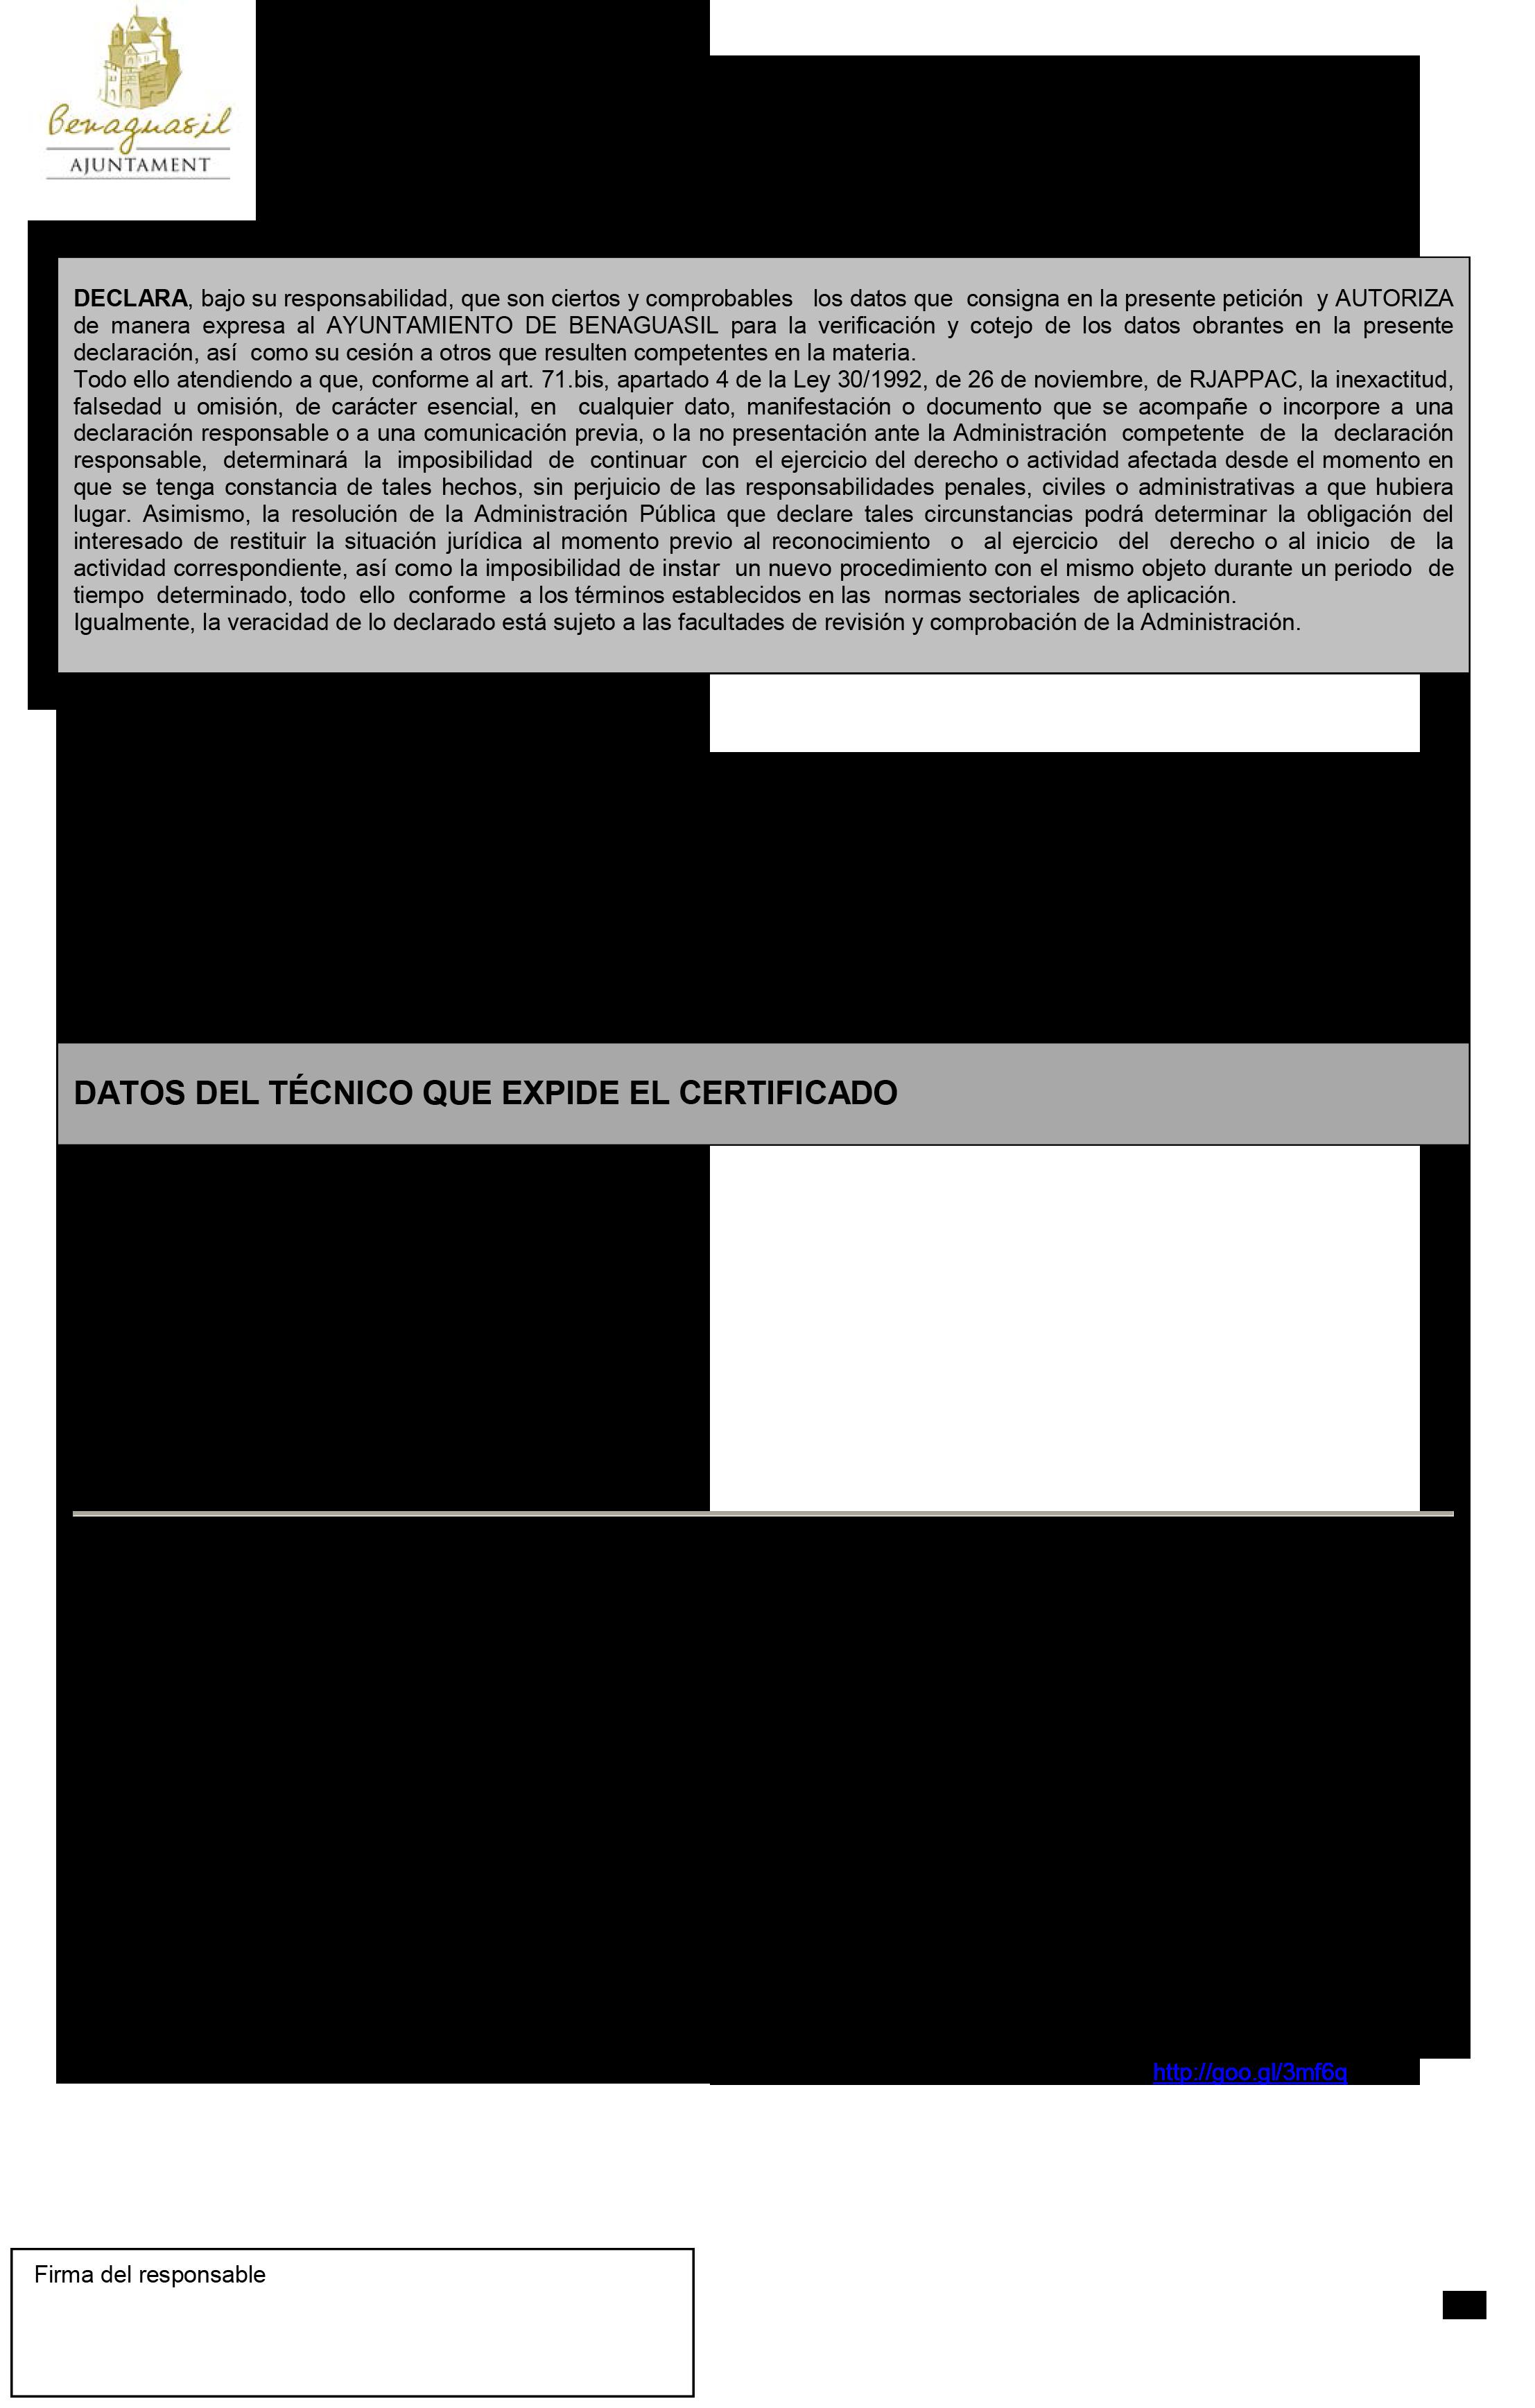 Impreso Declaración Responsable Segunda Ocupación - Benaguasil 3